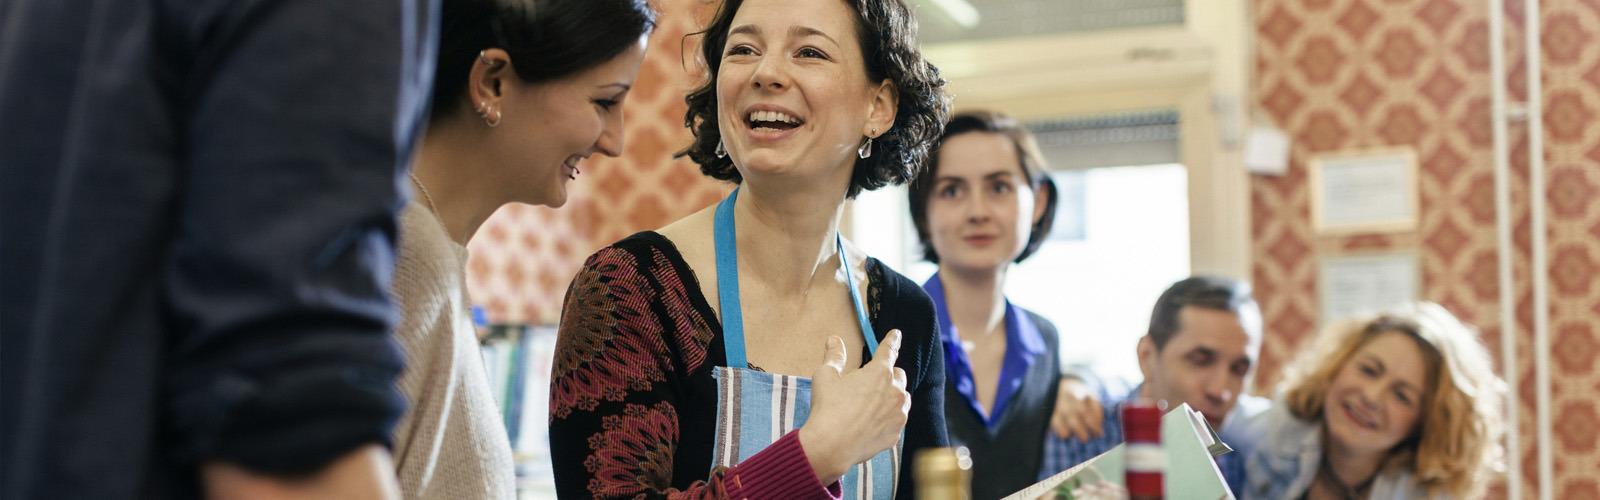 Інструктор кулінарного гуртка оточена зацікавленими учнями на кухні